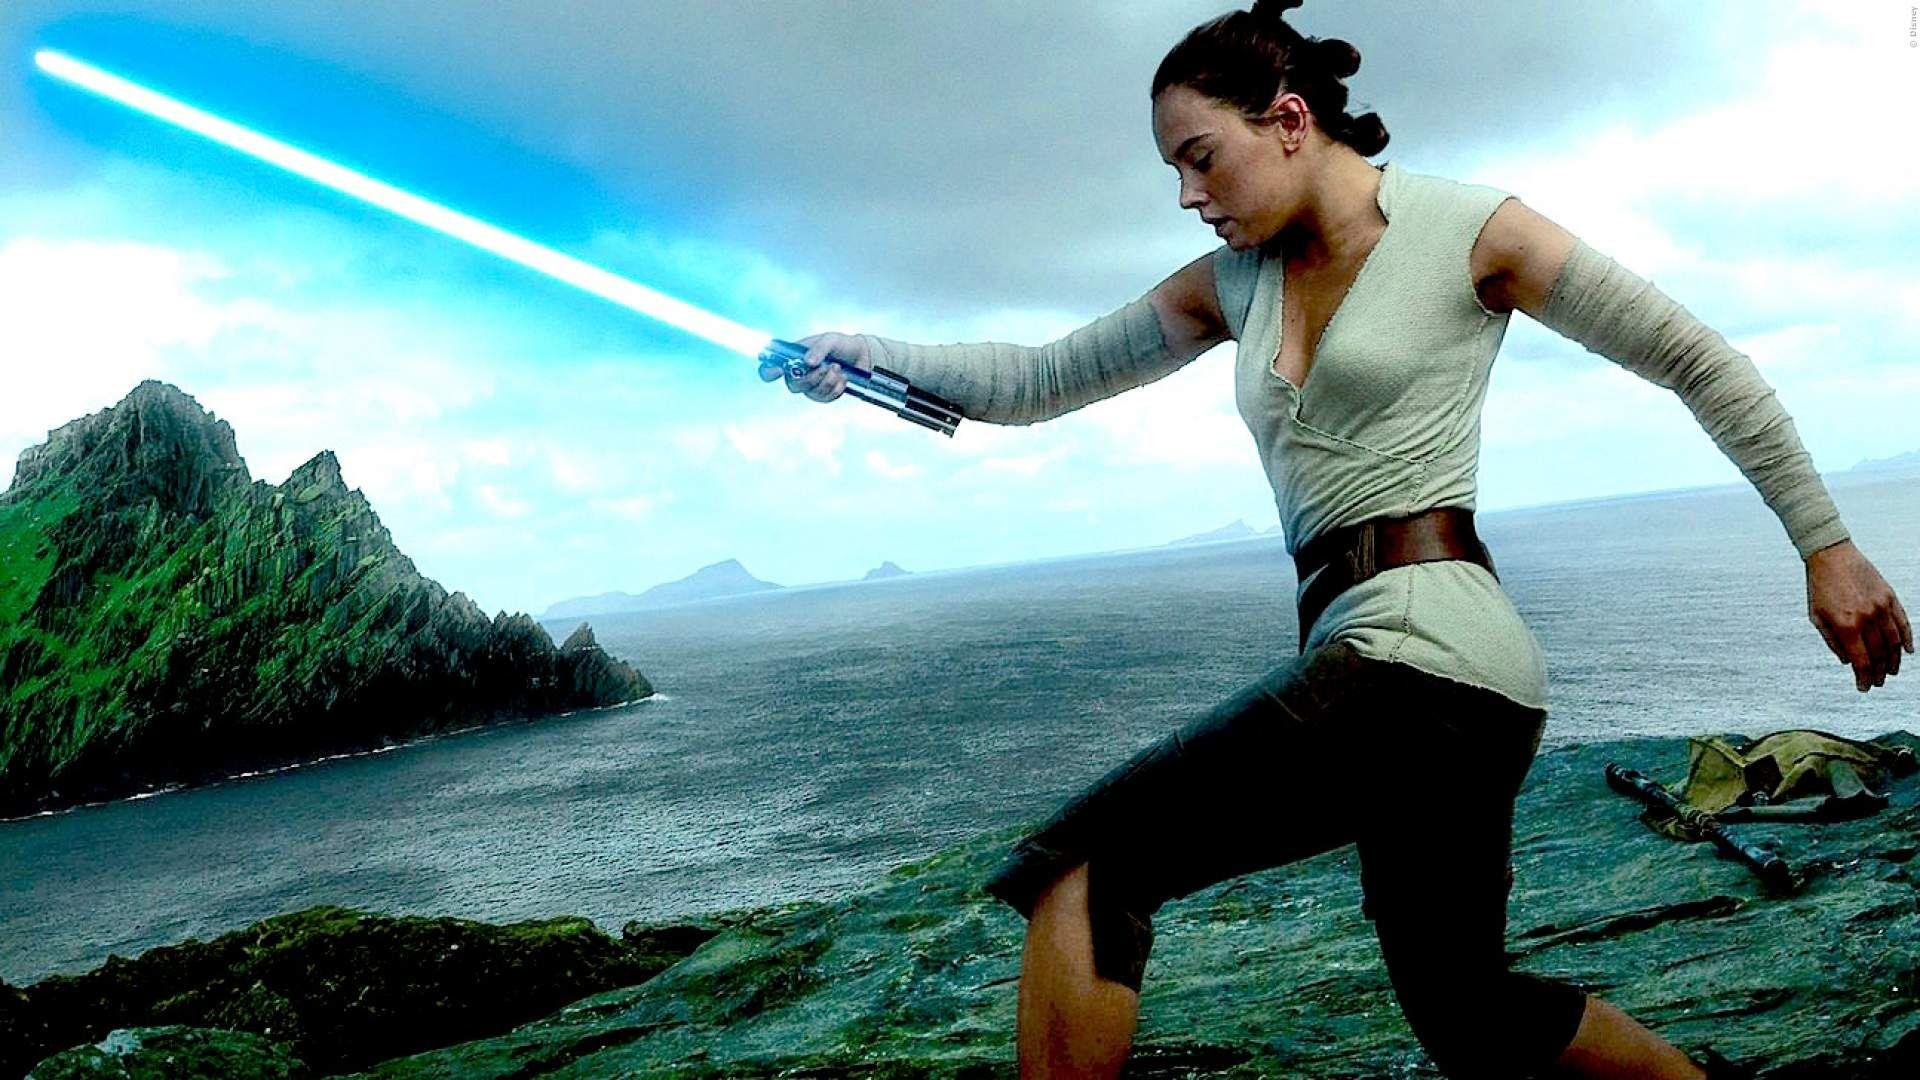 Wann Kommt Der 7 Teil Von Star Wars Raus